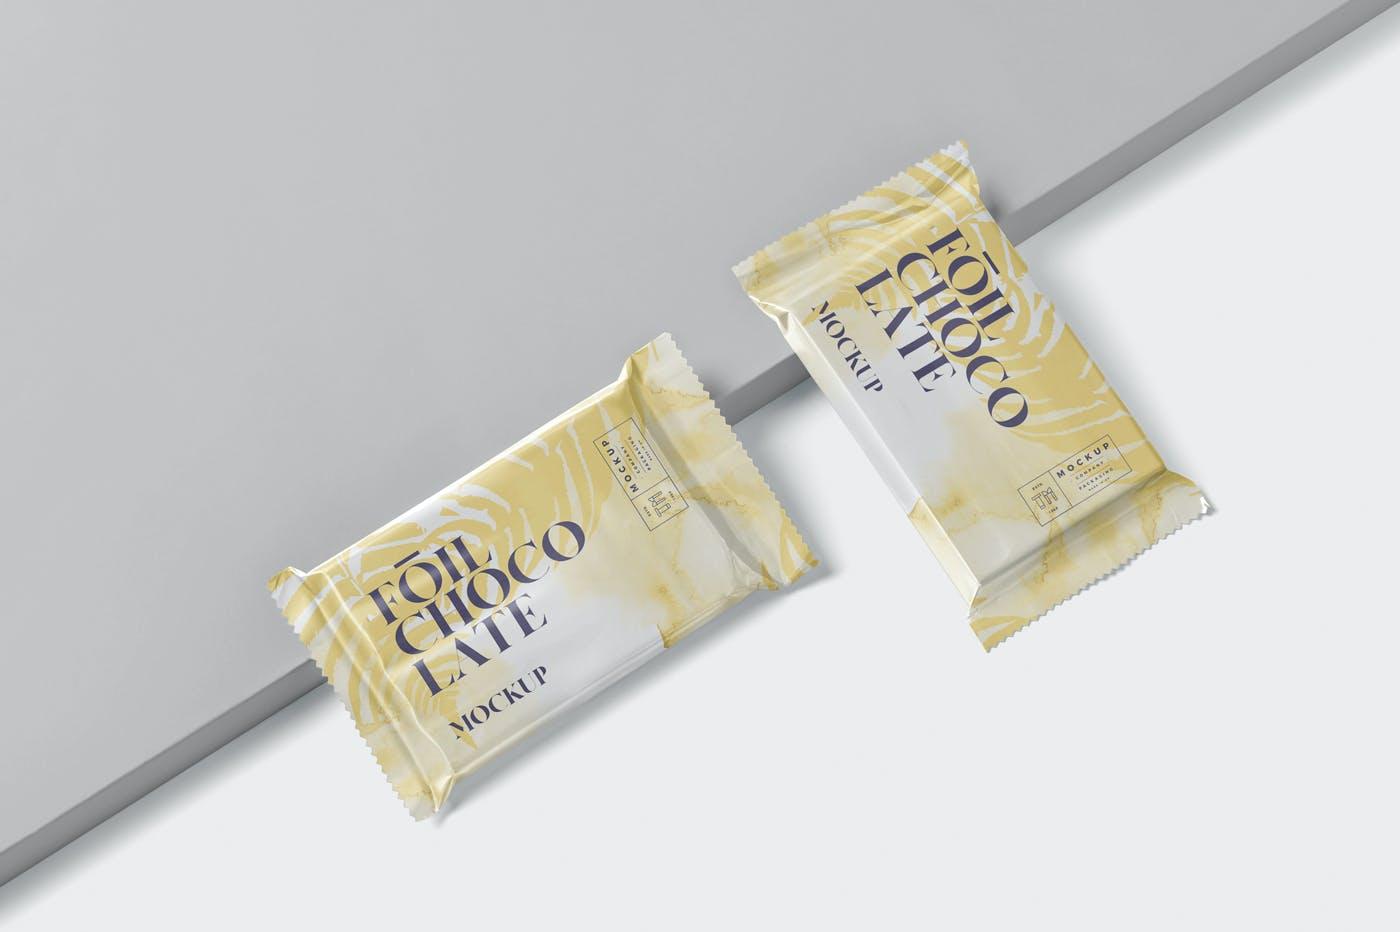 精美铝箔巧克力包装袋设计展示样机 Foil Chocolate Packaging Mockup – Slim Size插图(3)